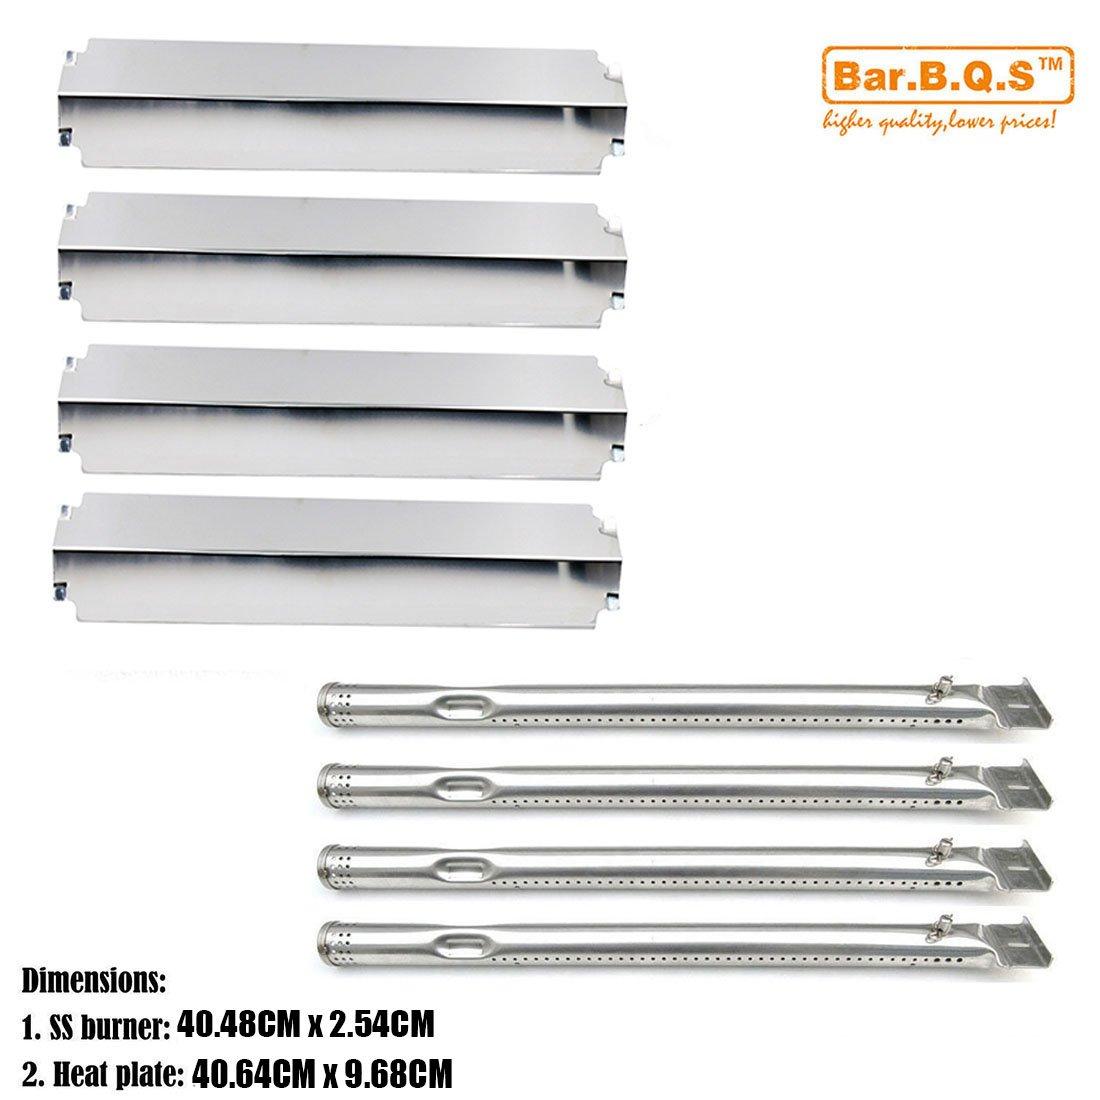 Bar.b.q.s Kit de réparation de gril Remplacement brûleur et plaque en acier inoxydable de plaque de chaleur, bouclier Remplacement pour Charbroil 463247310, 463257010 Série commerciale 4 brûleur gaz Grill